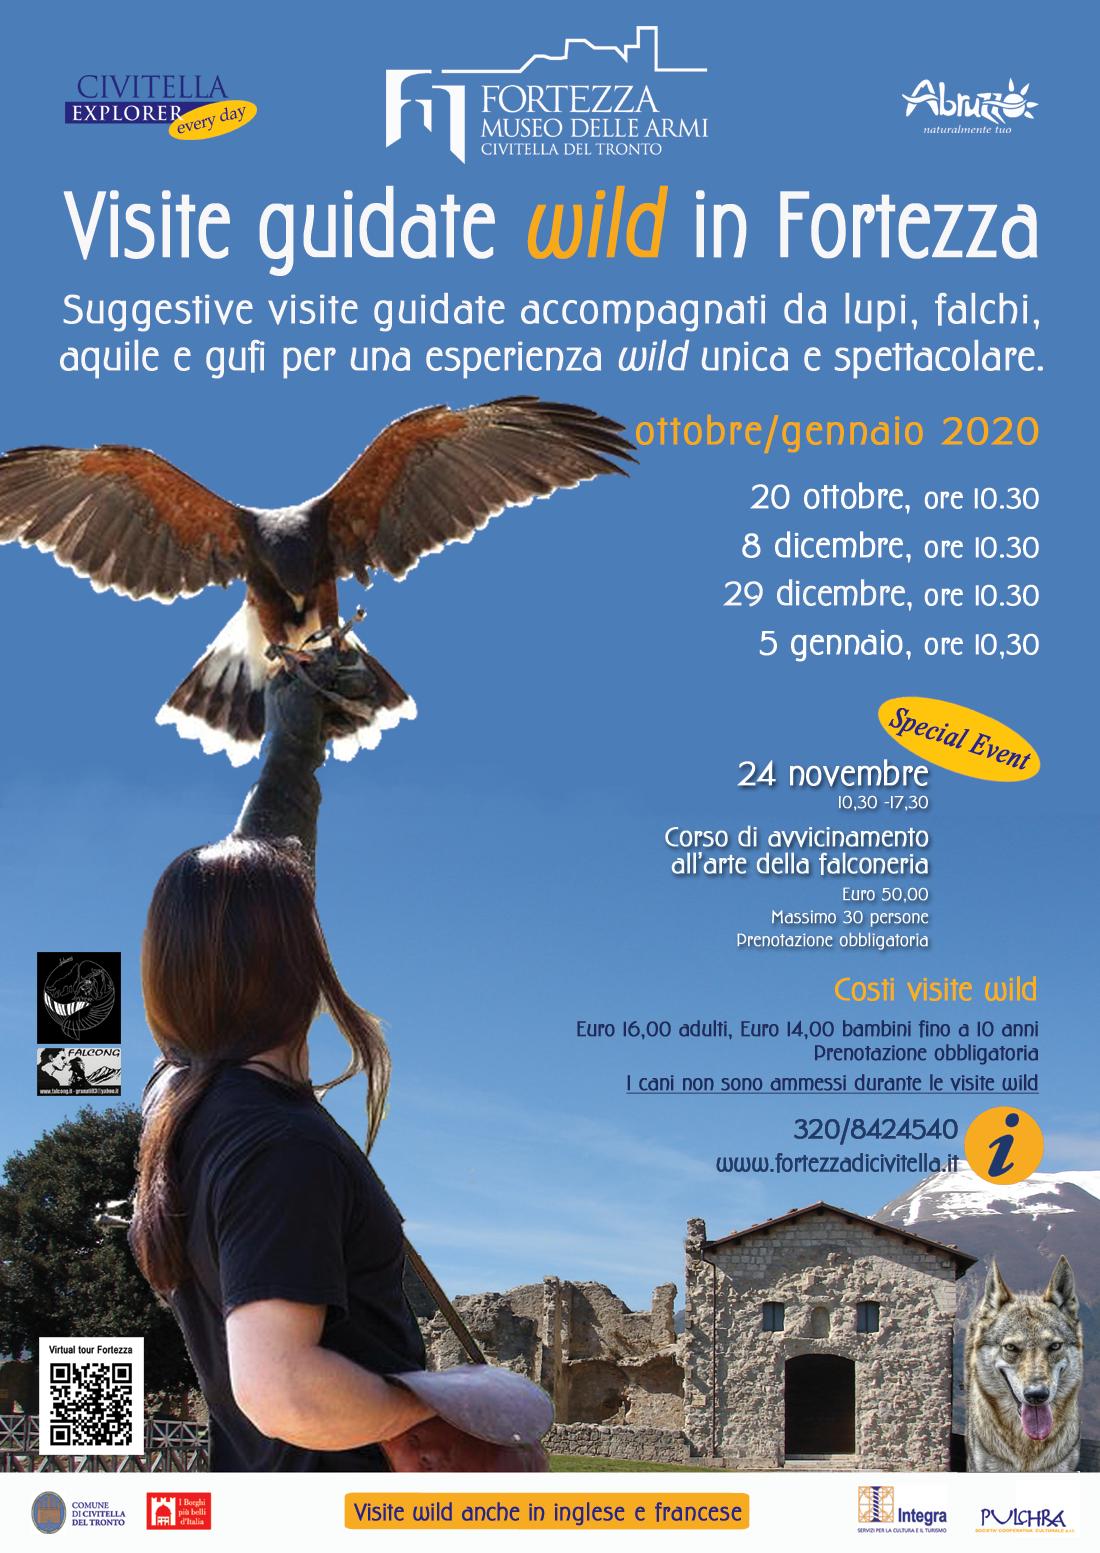 PROGRAMMA VISITE WILD OTTOBRE-GENNAIO 2020